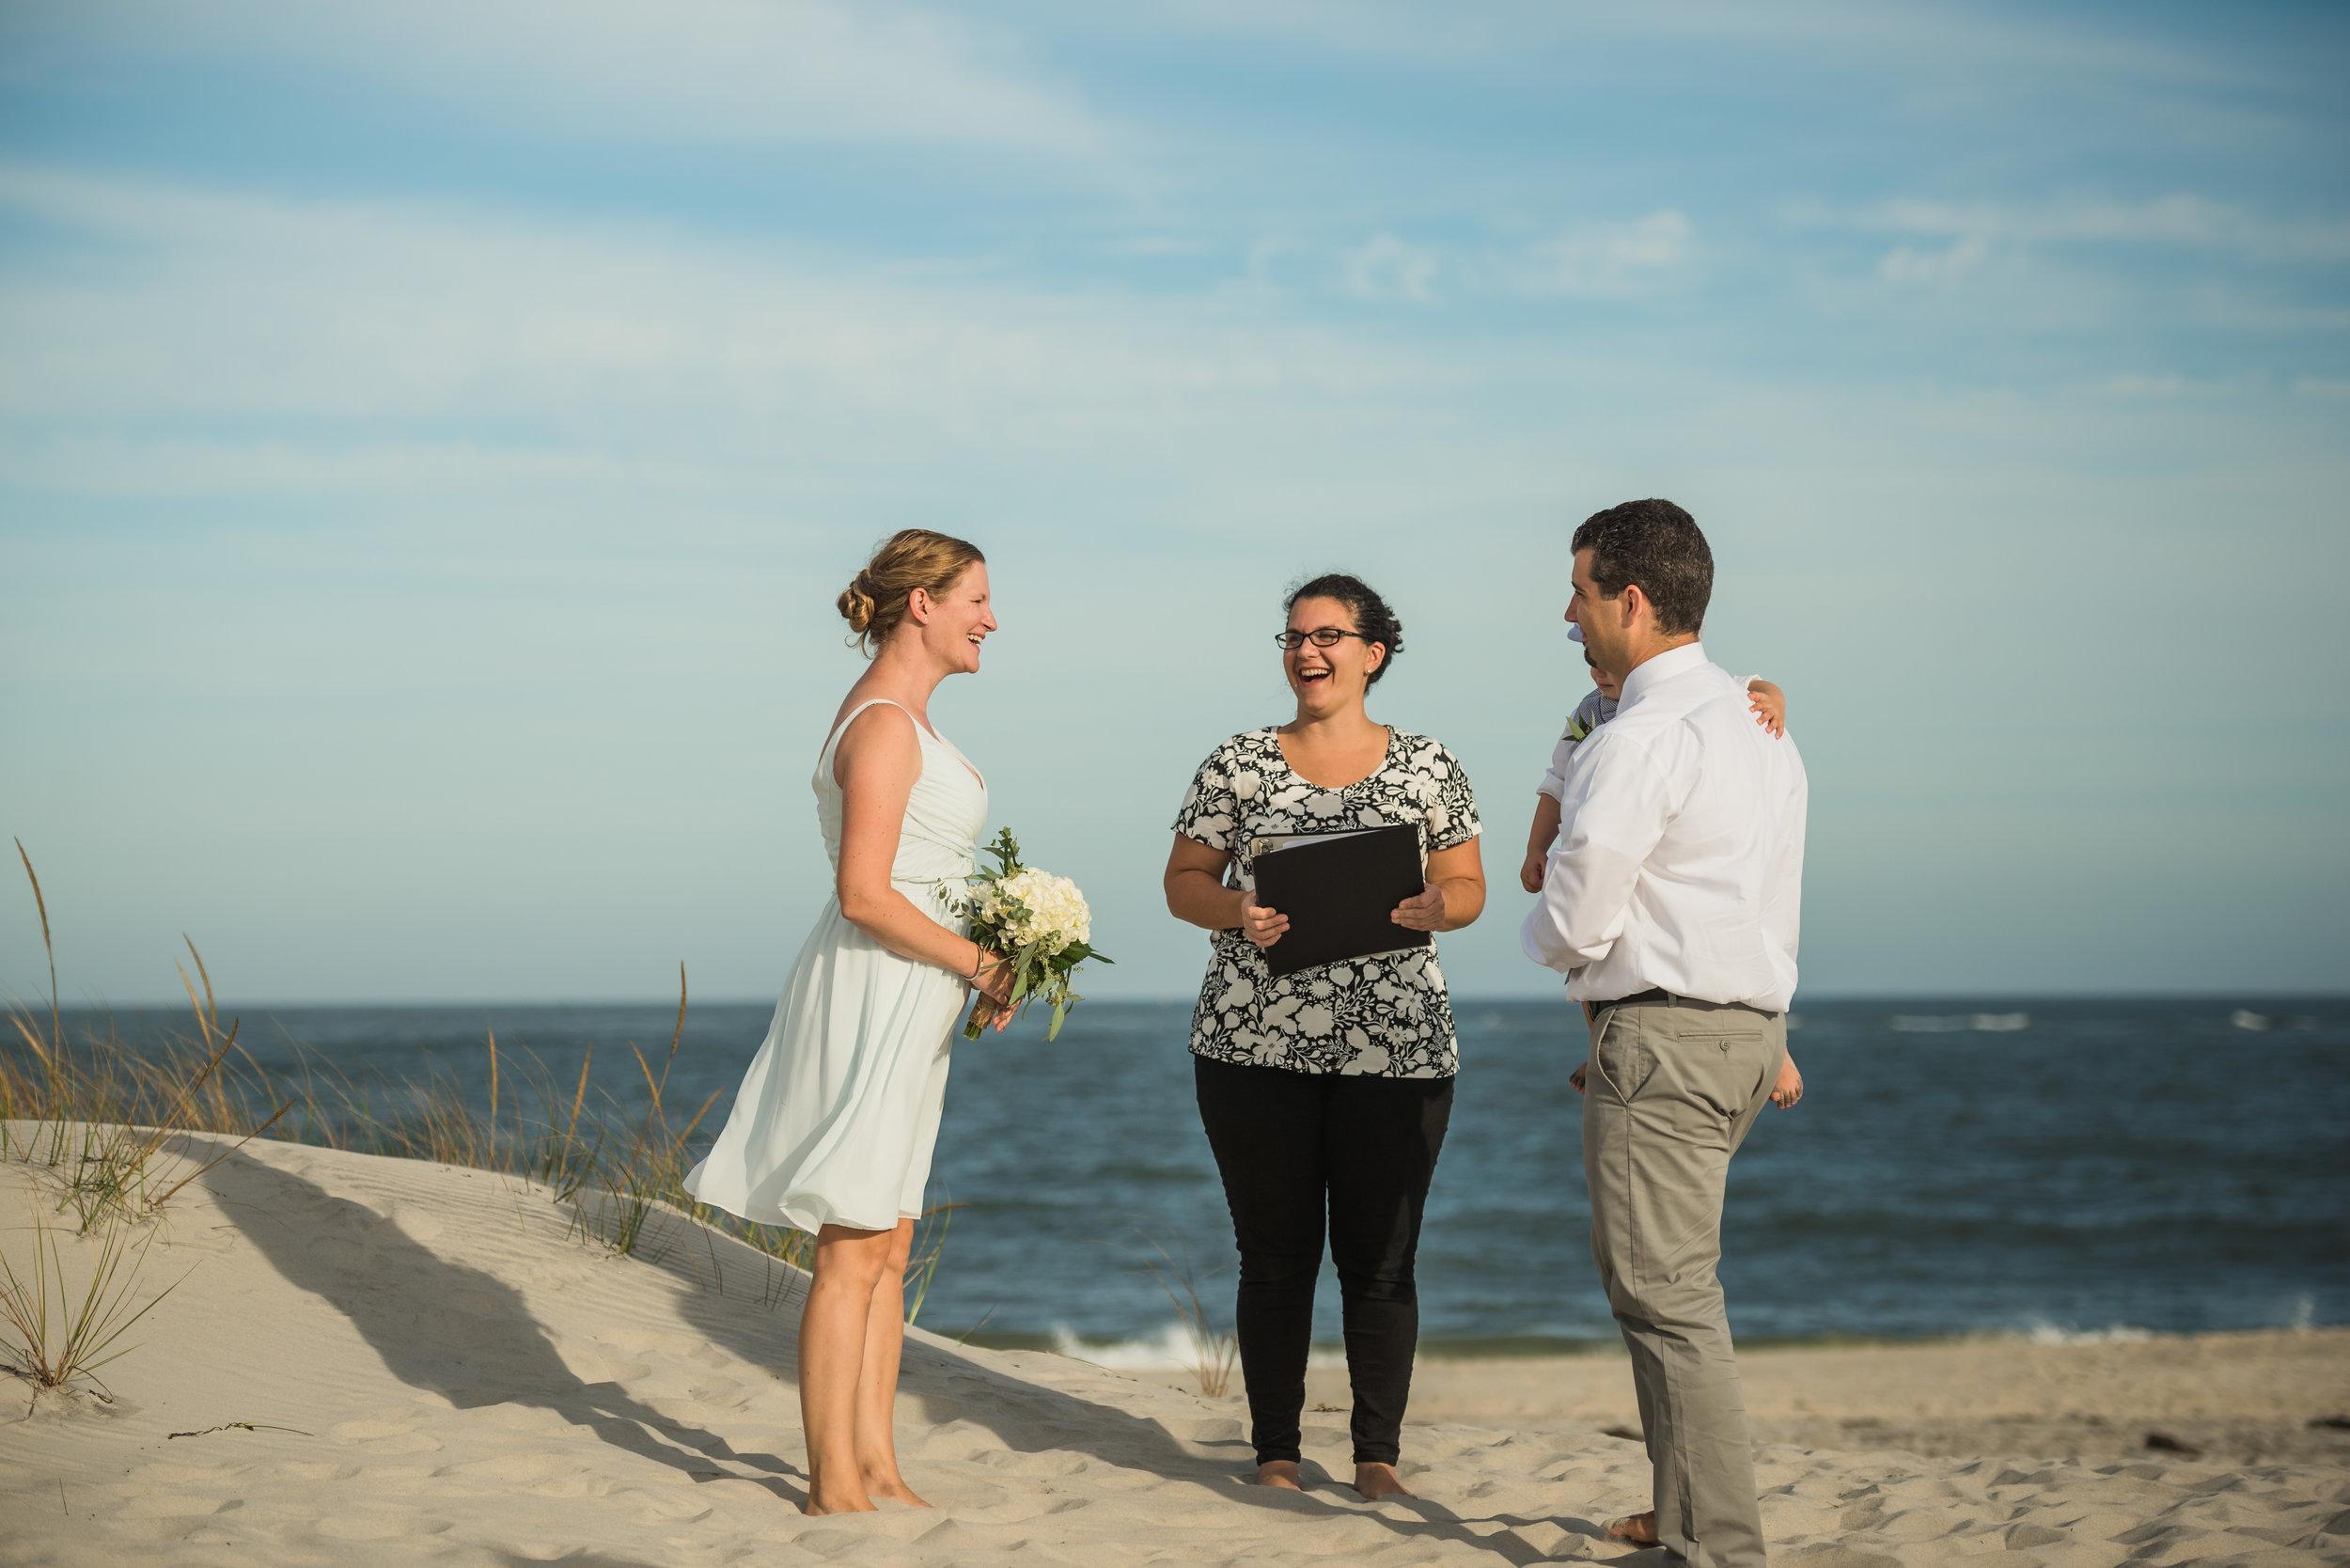 Long Beach Island Wedding Vow Photos Greg & Meagan 2